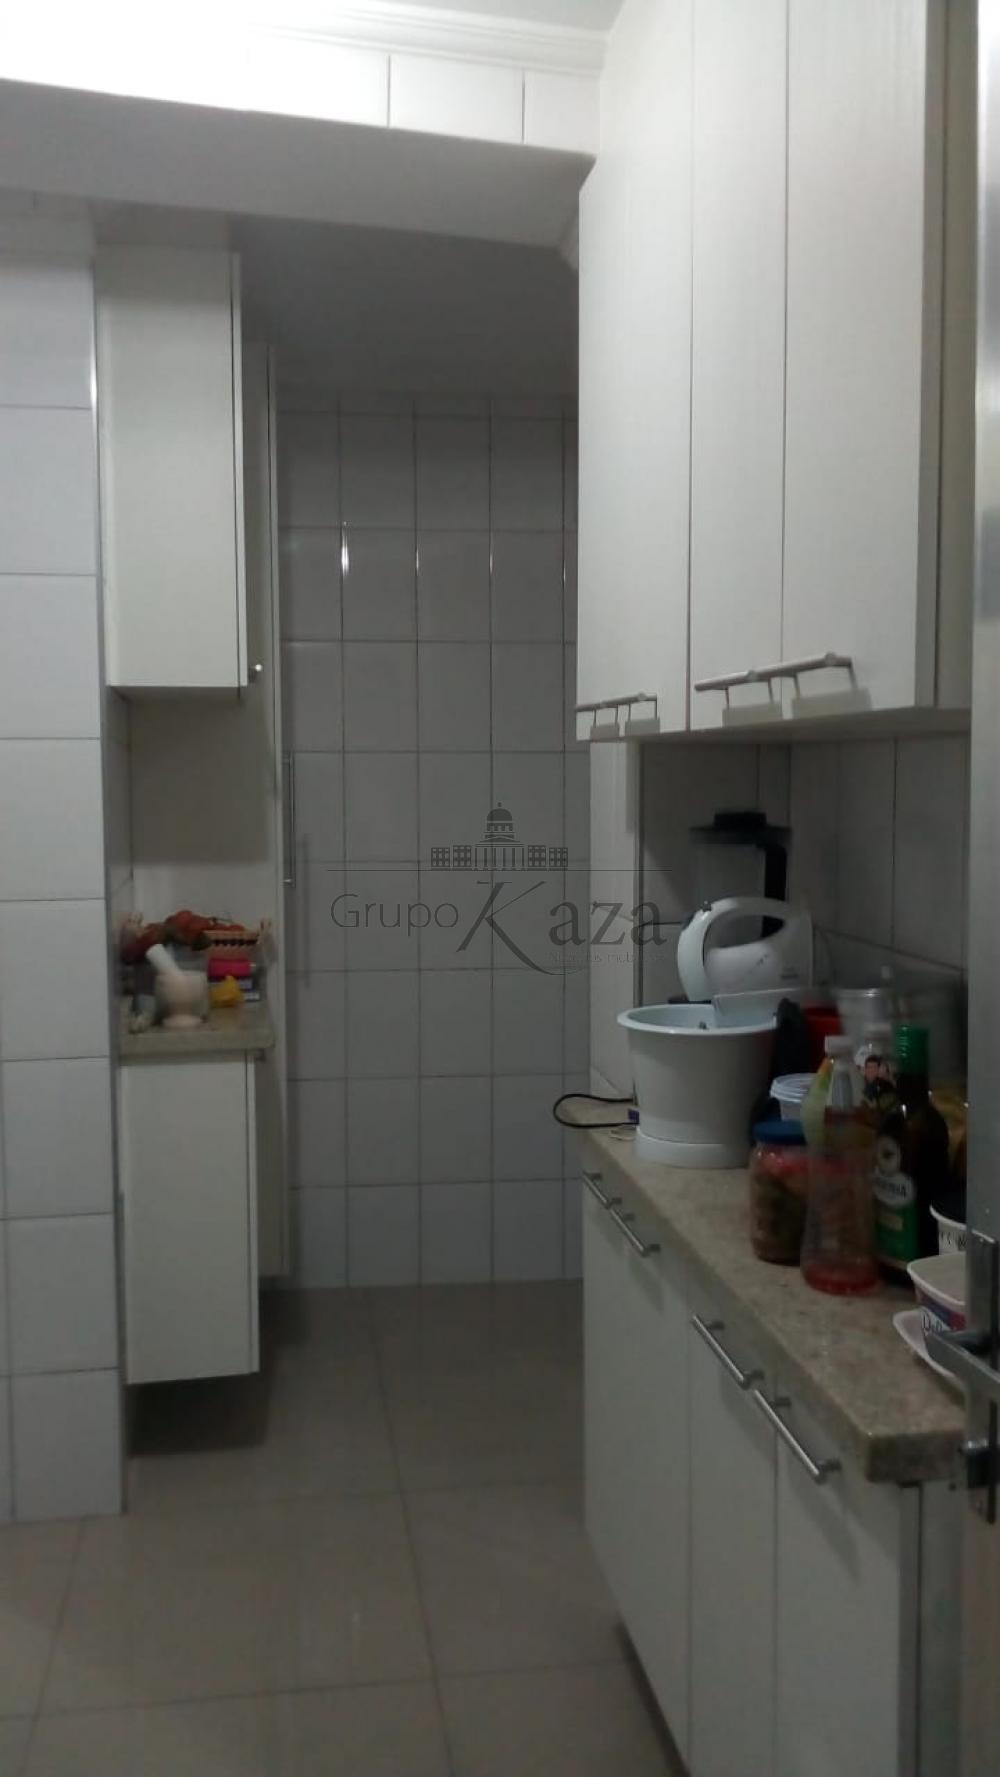 Comprar Casa / Padrão em Guarulhos apenas R$ 600.000,00 - Foto 10